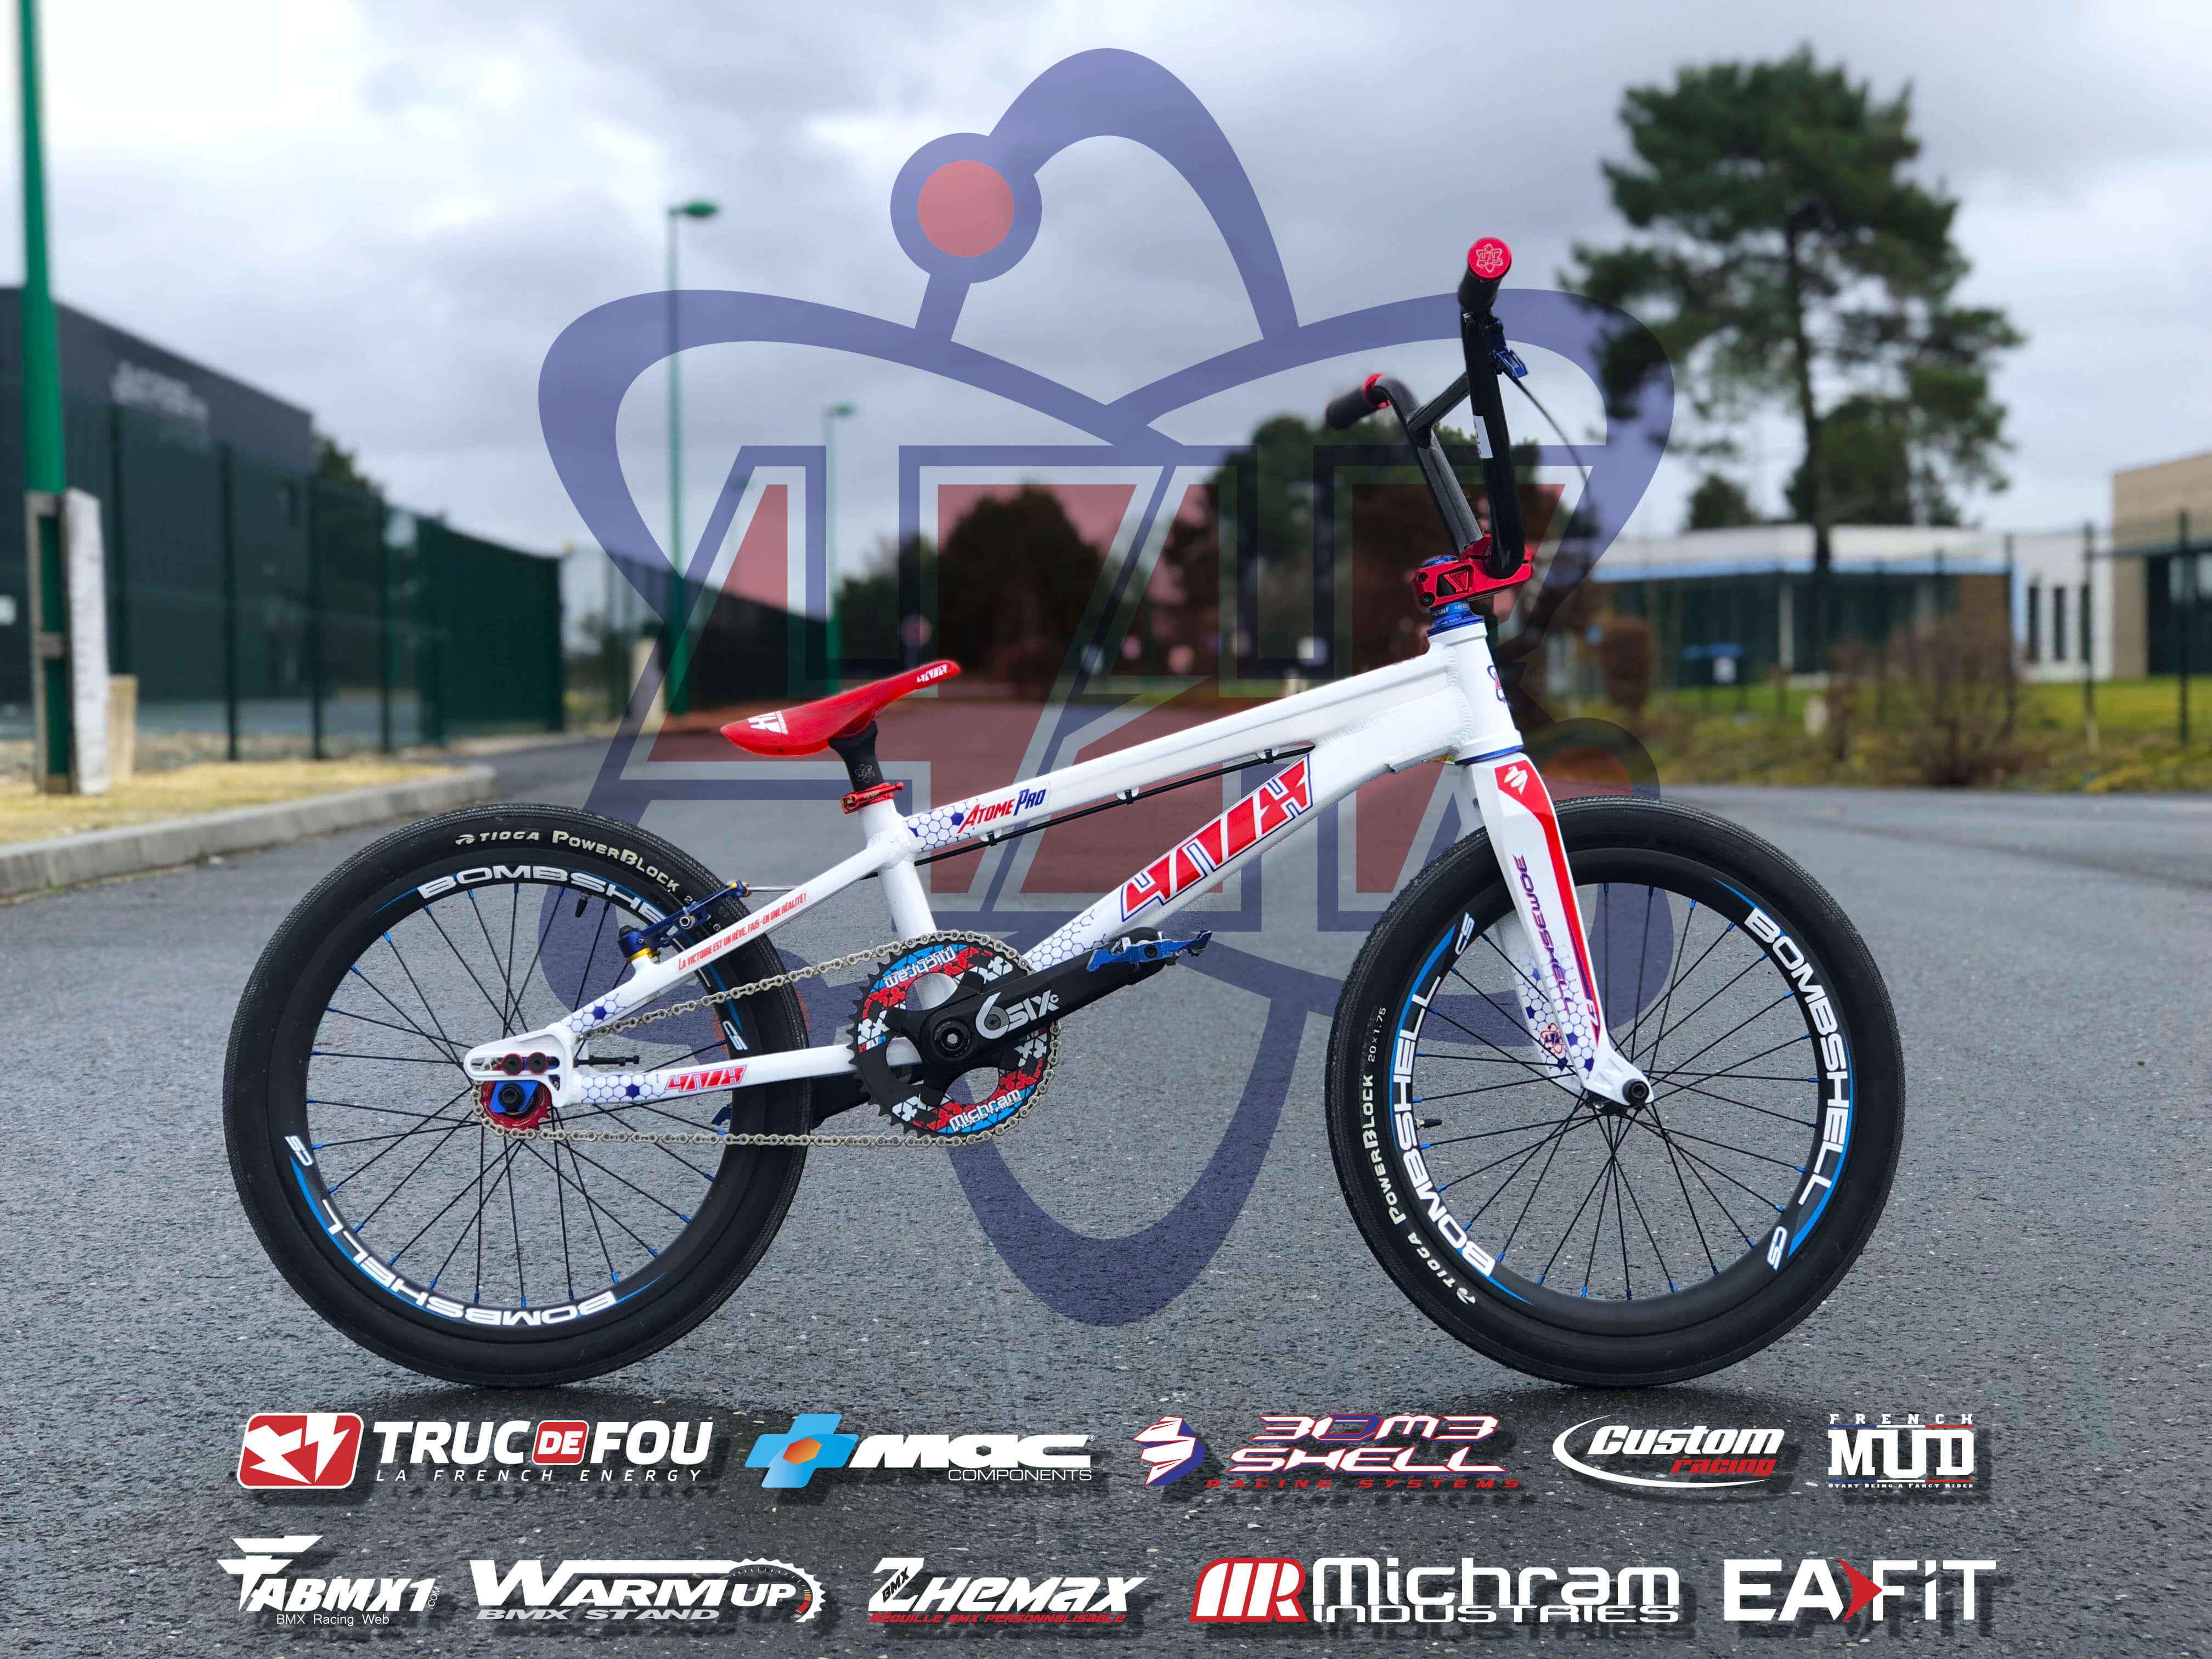 4NIX Atome Bike